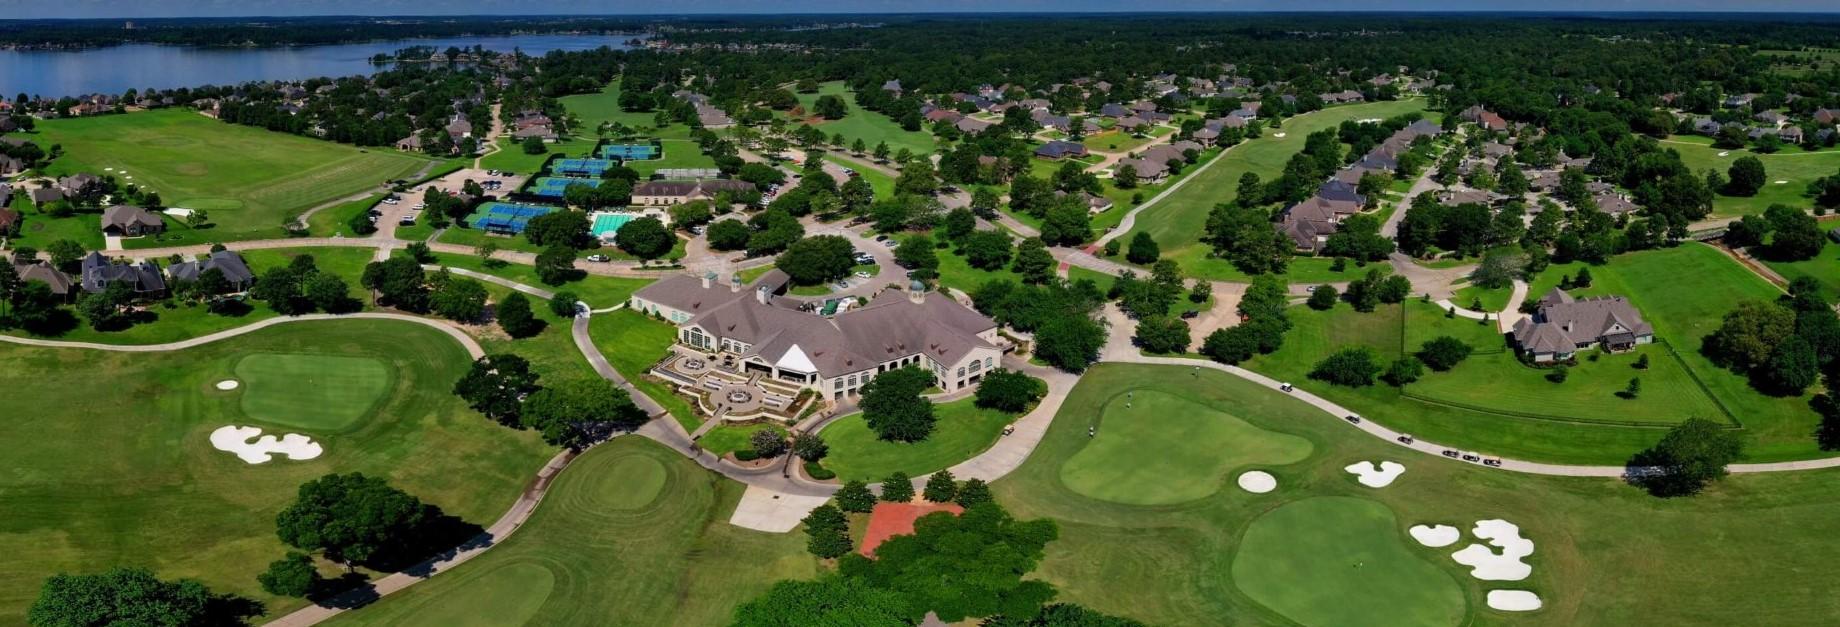 La mansión en Texas se encuentra cerca del lago Conroe, a una hora en auto de Houston (Foto: bentwater.com)